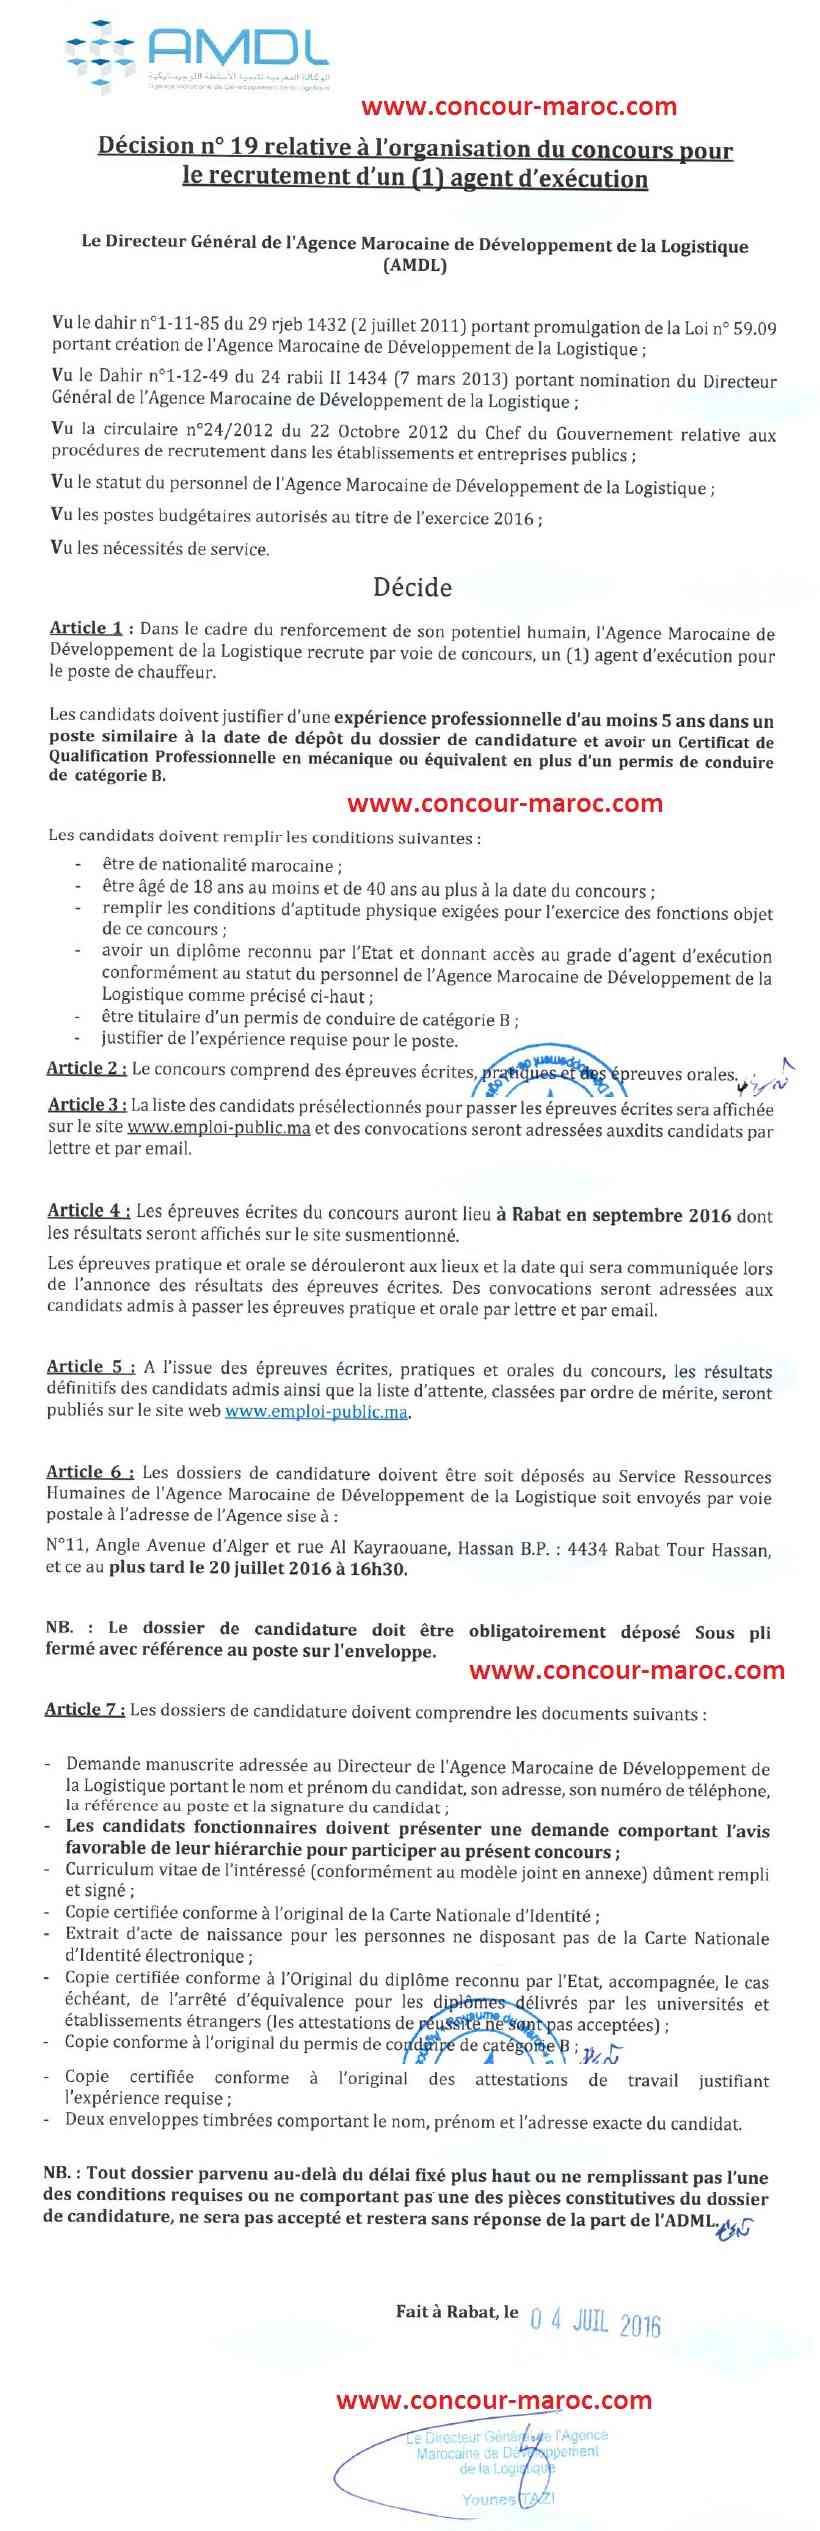 الوكالة المغربية لتنمية الأنشطة اللوجستيكية : مباراة لتوظيف عون تنفيذ (1 منصب) و إطار (2 منصبان) آخر أجل لإيداع الترشيحات 20 يوليوز 2016 Concou54